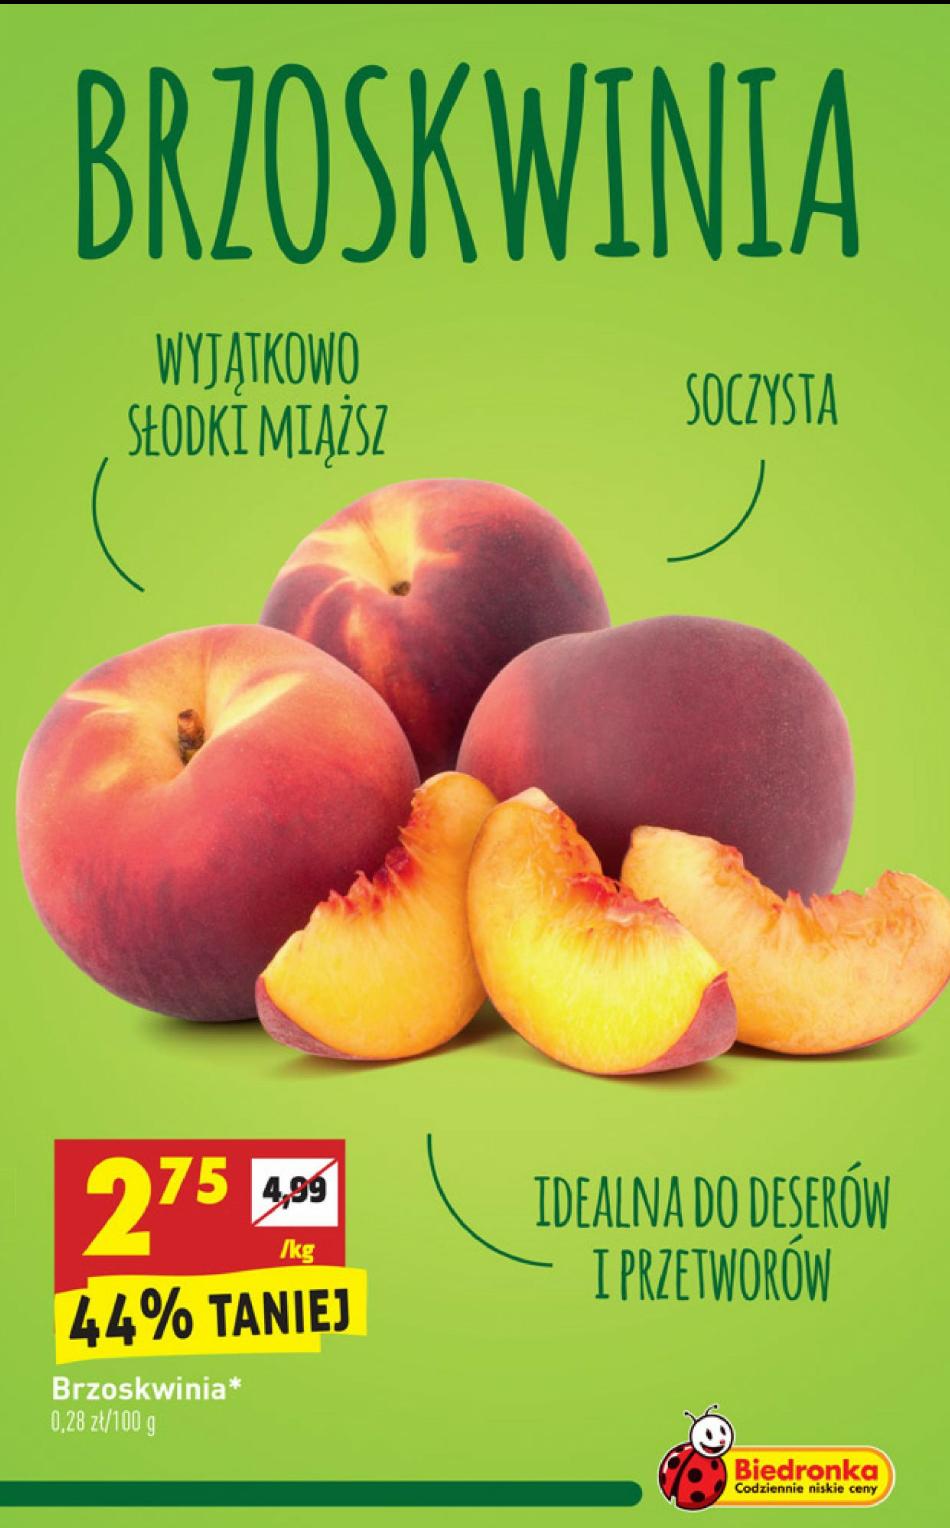 Biedronka- tanie brzoskwinie (2,75 zł/kg)